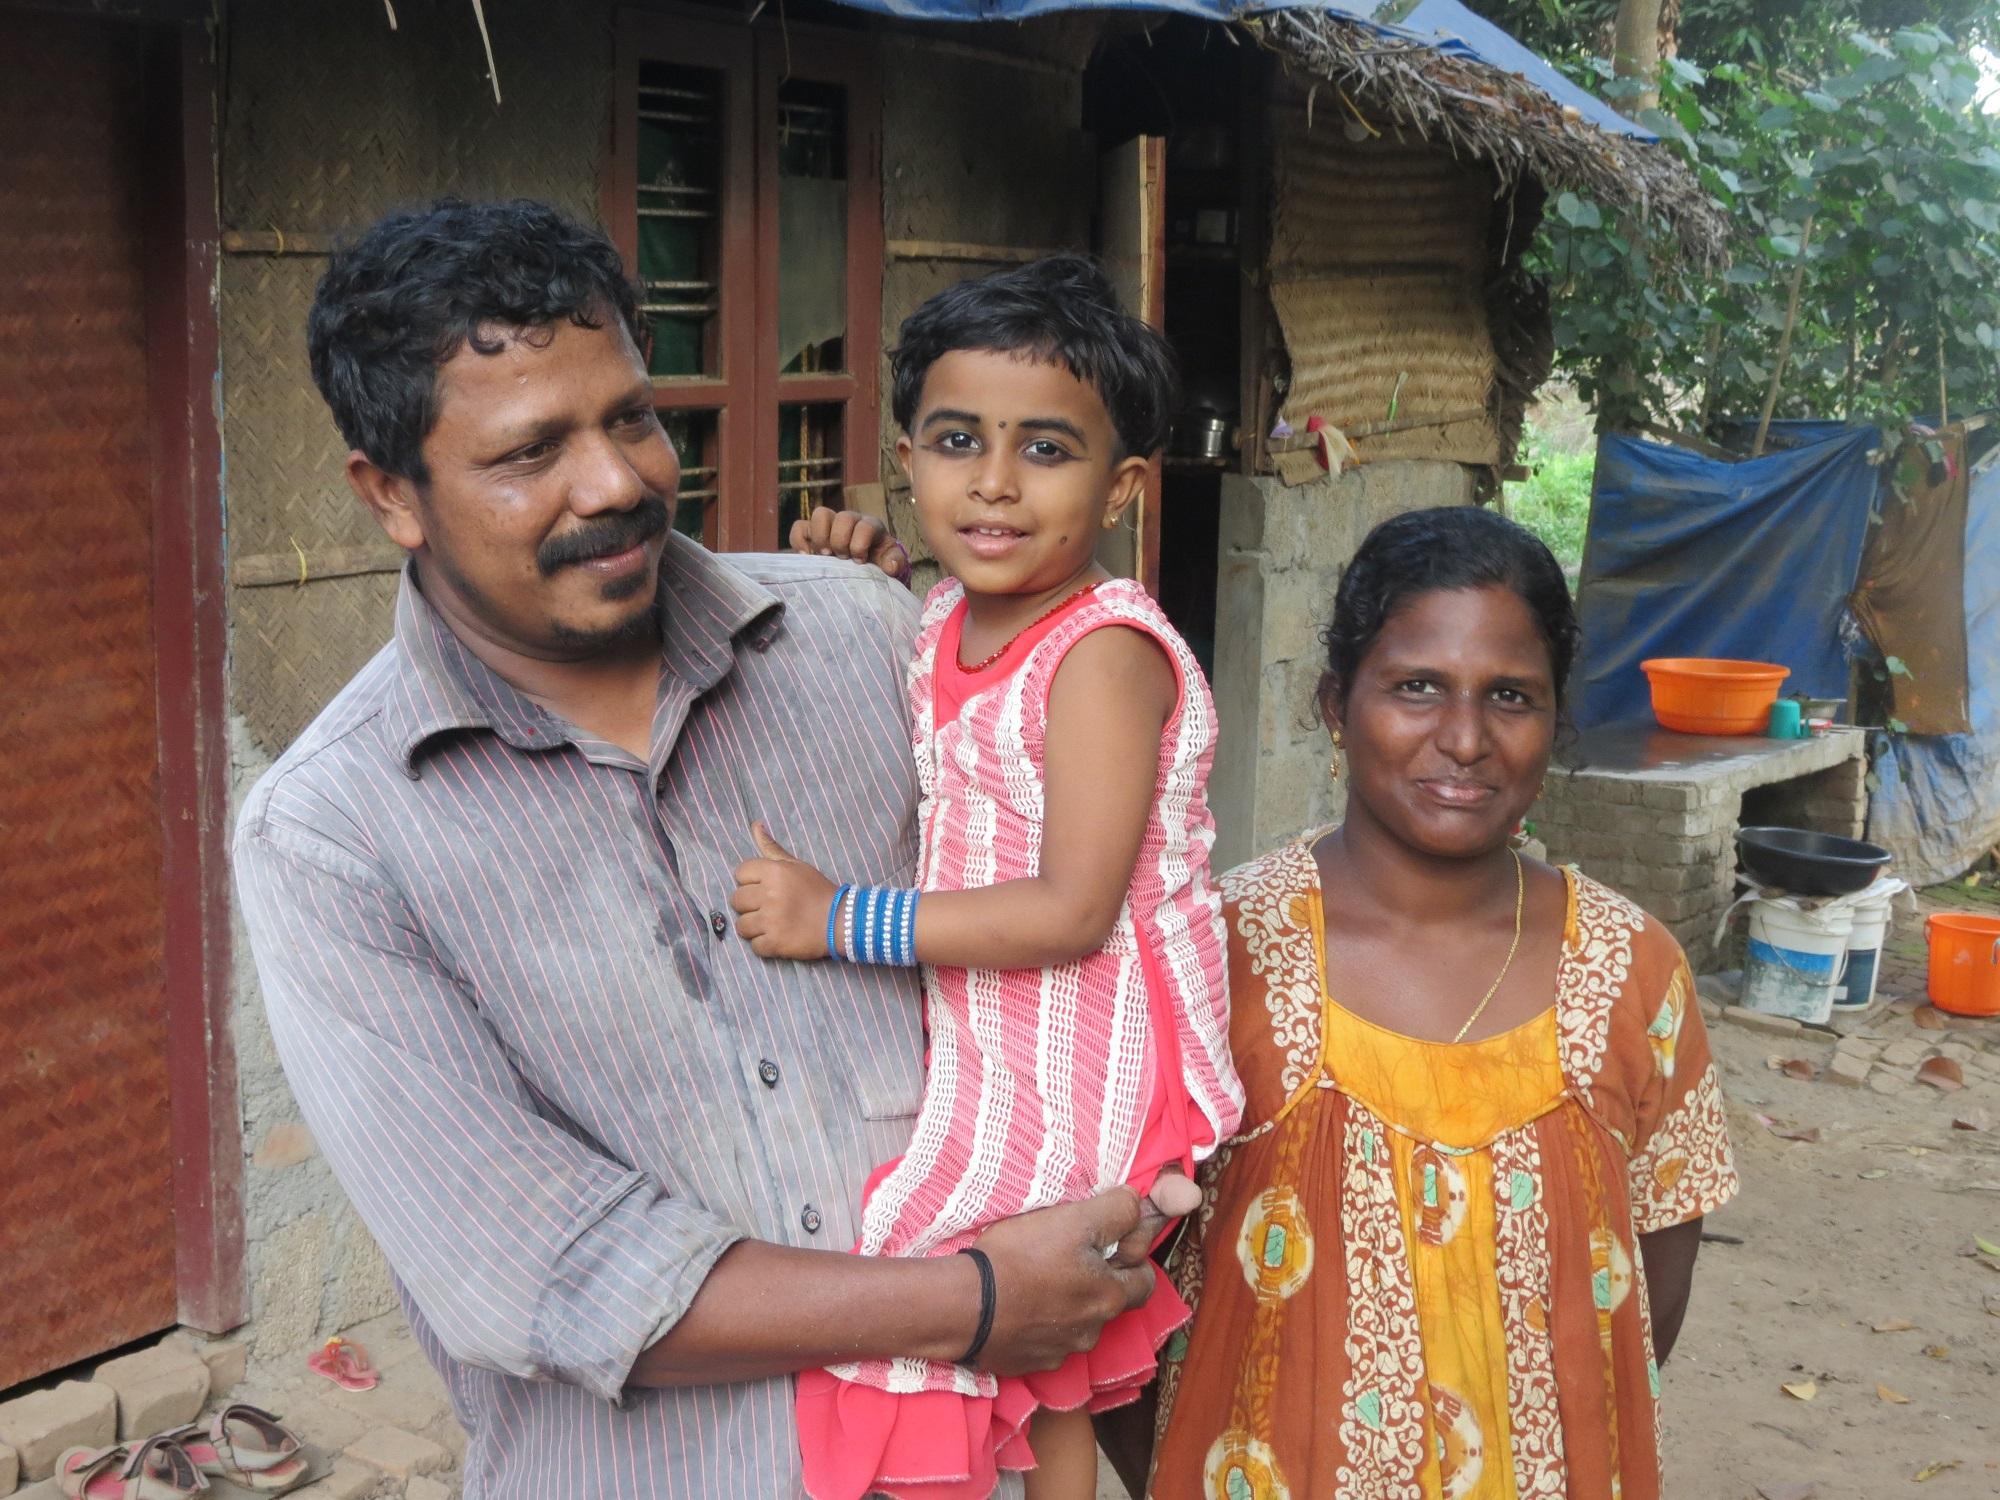 Prosegue l'opera di ricostruzione in Kerala